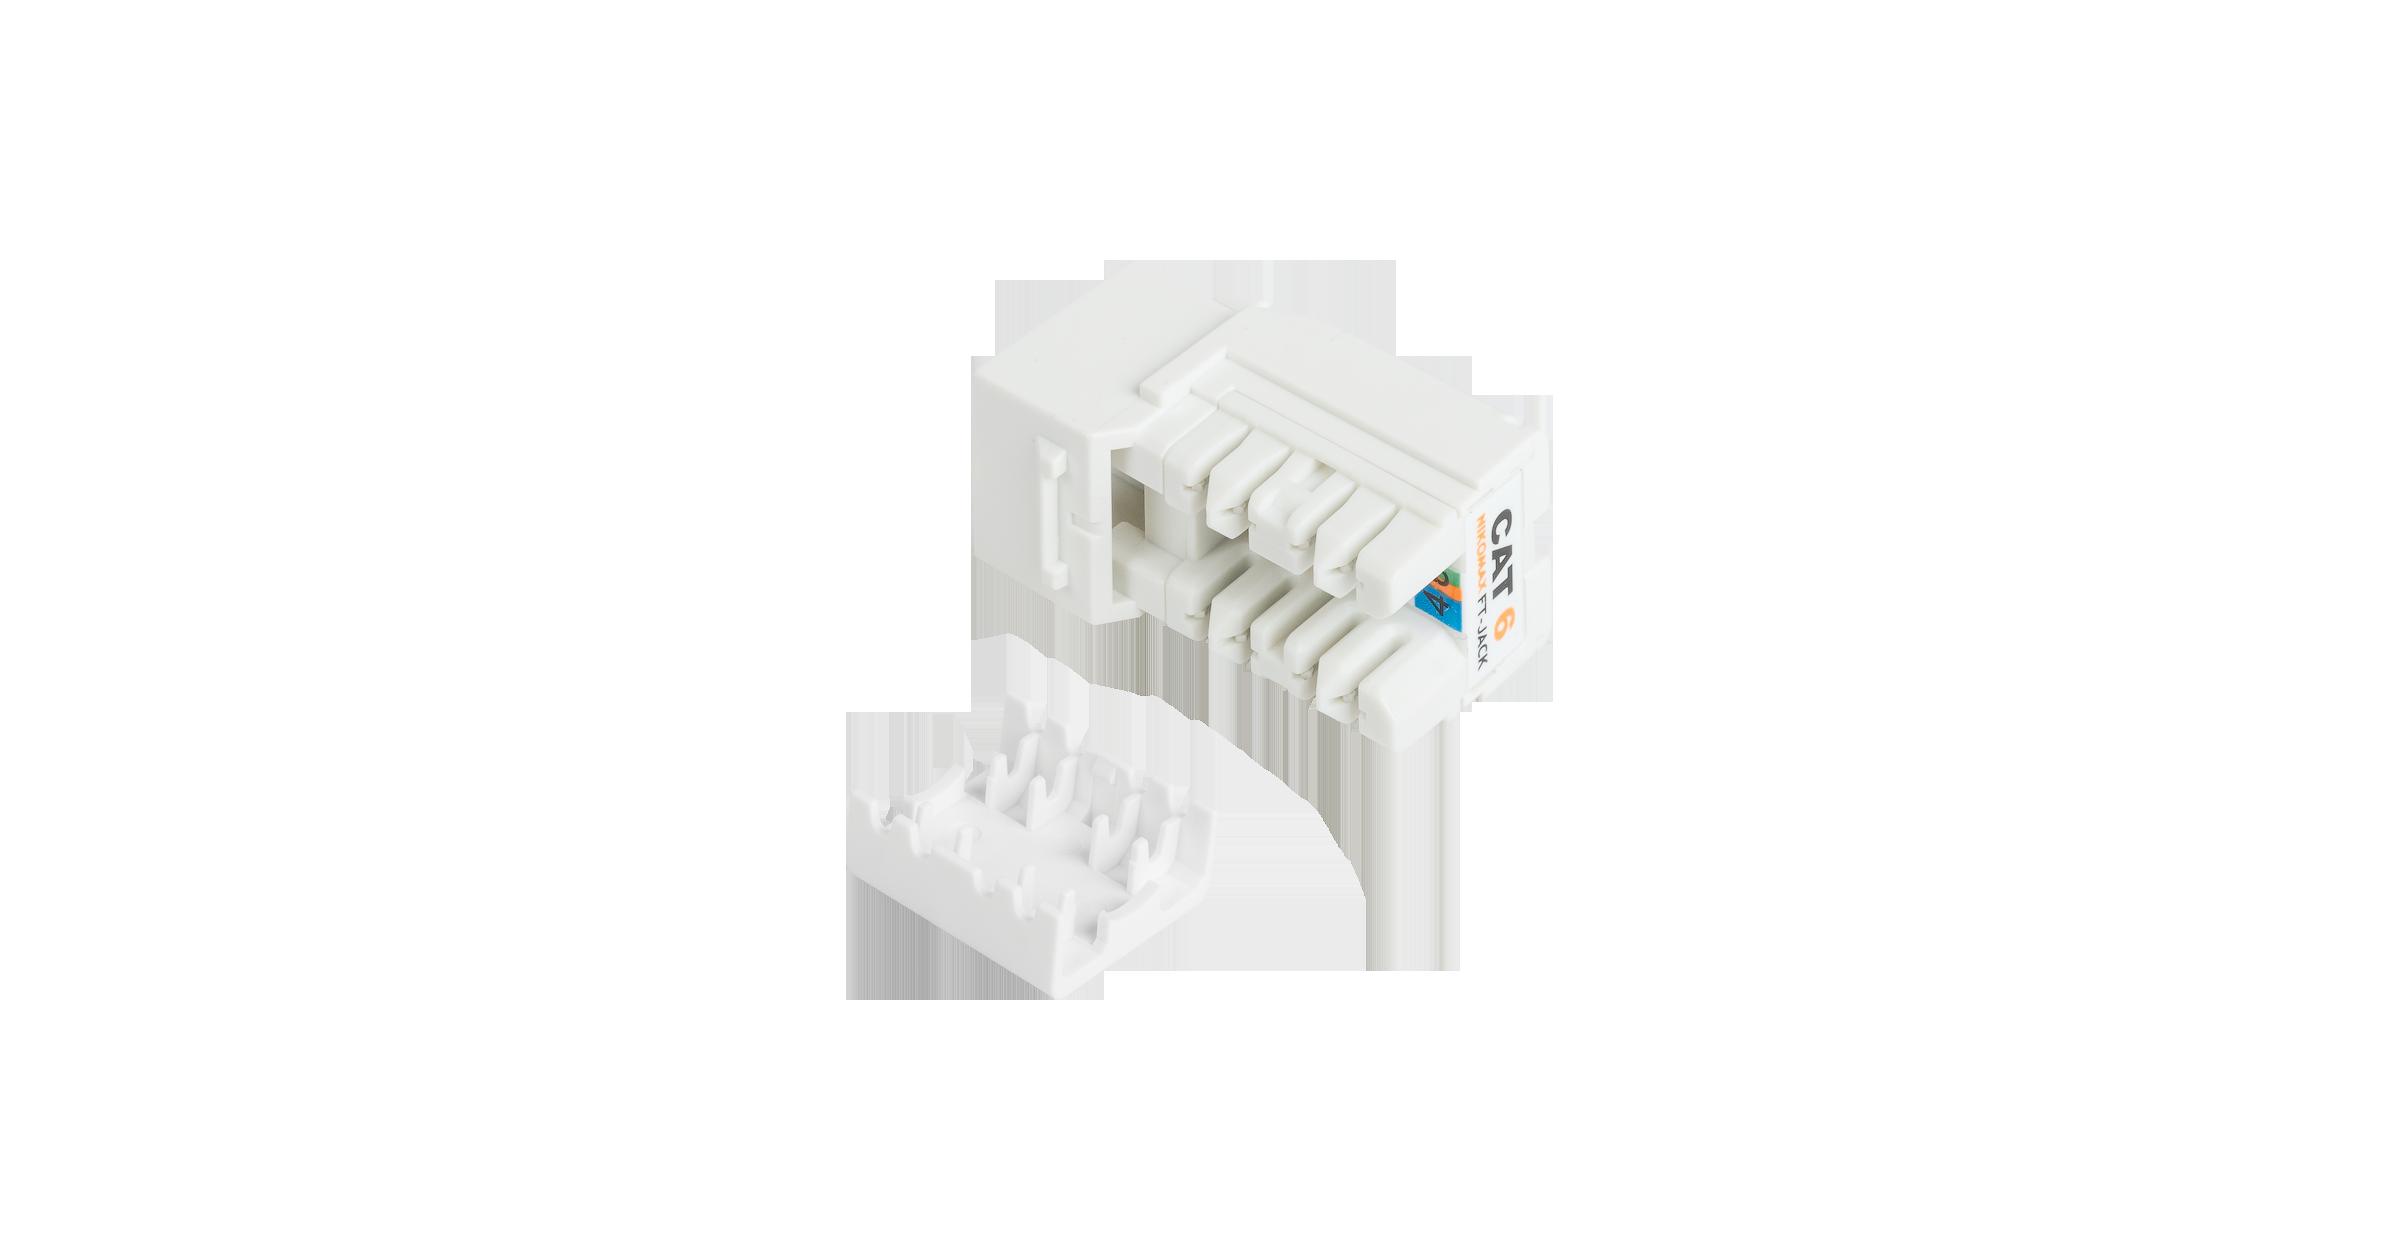 Модуль-вставка NIKOMAX типа Keystone, Кат.6 (Класс E), 250МГц, RJ45/8P8C, FT-TOOL/110/KRONE, T568A/B, неэкранированный, белый - гарантия: 5 лет расширенная / 25 лет системная